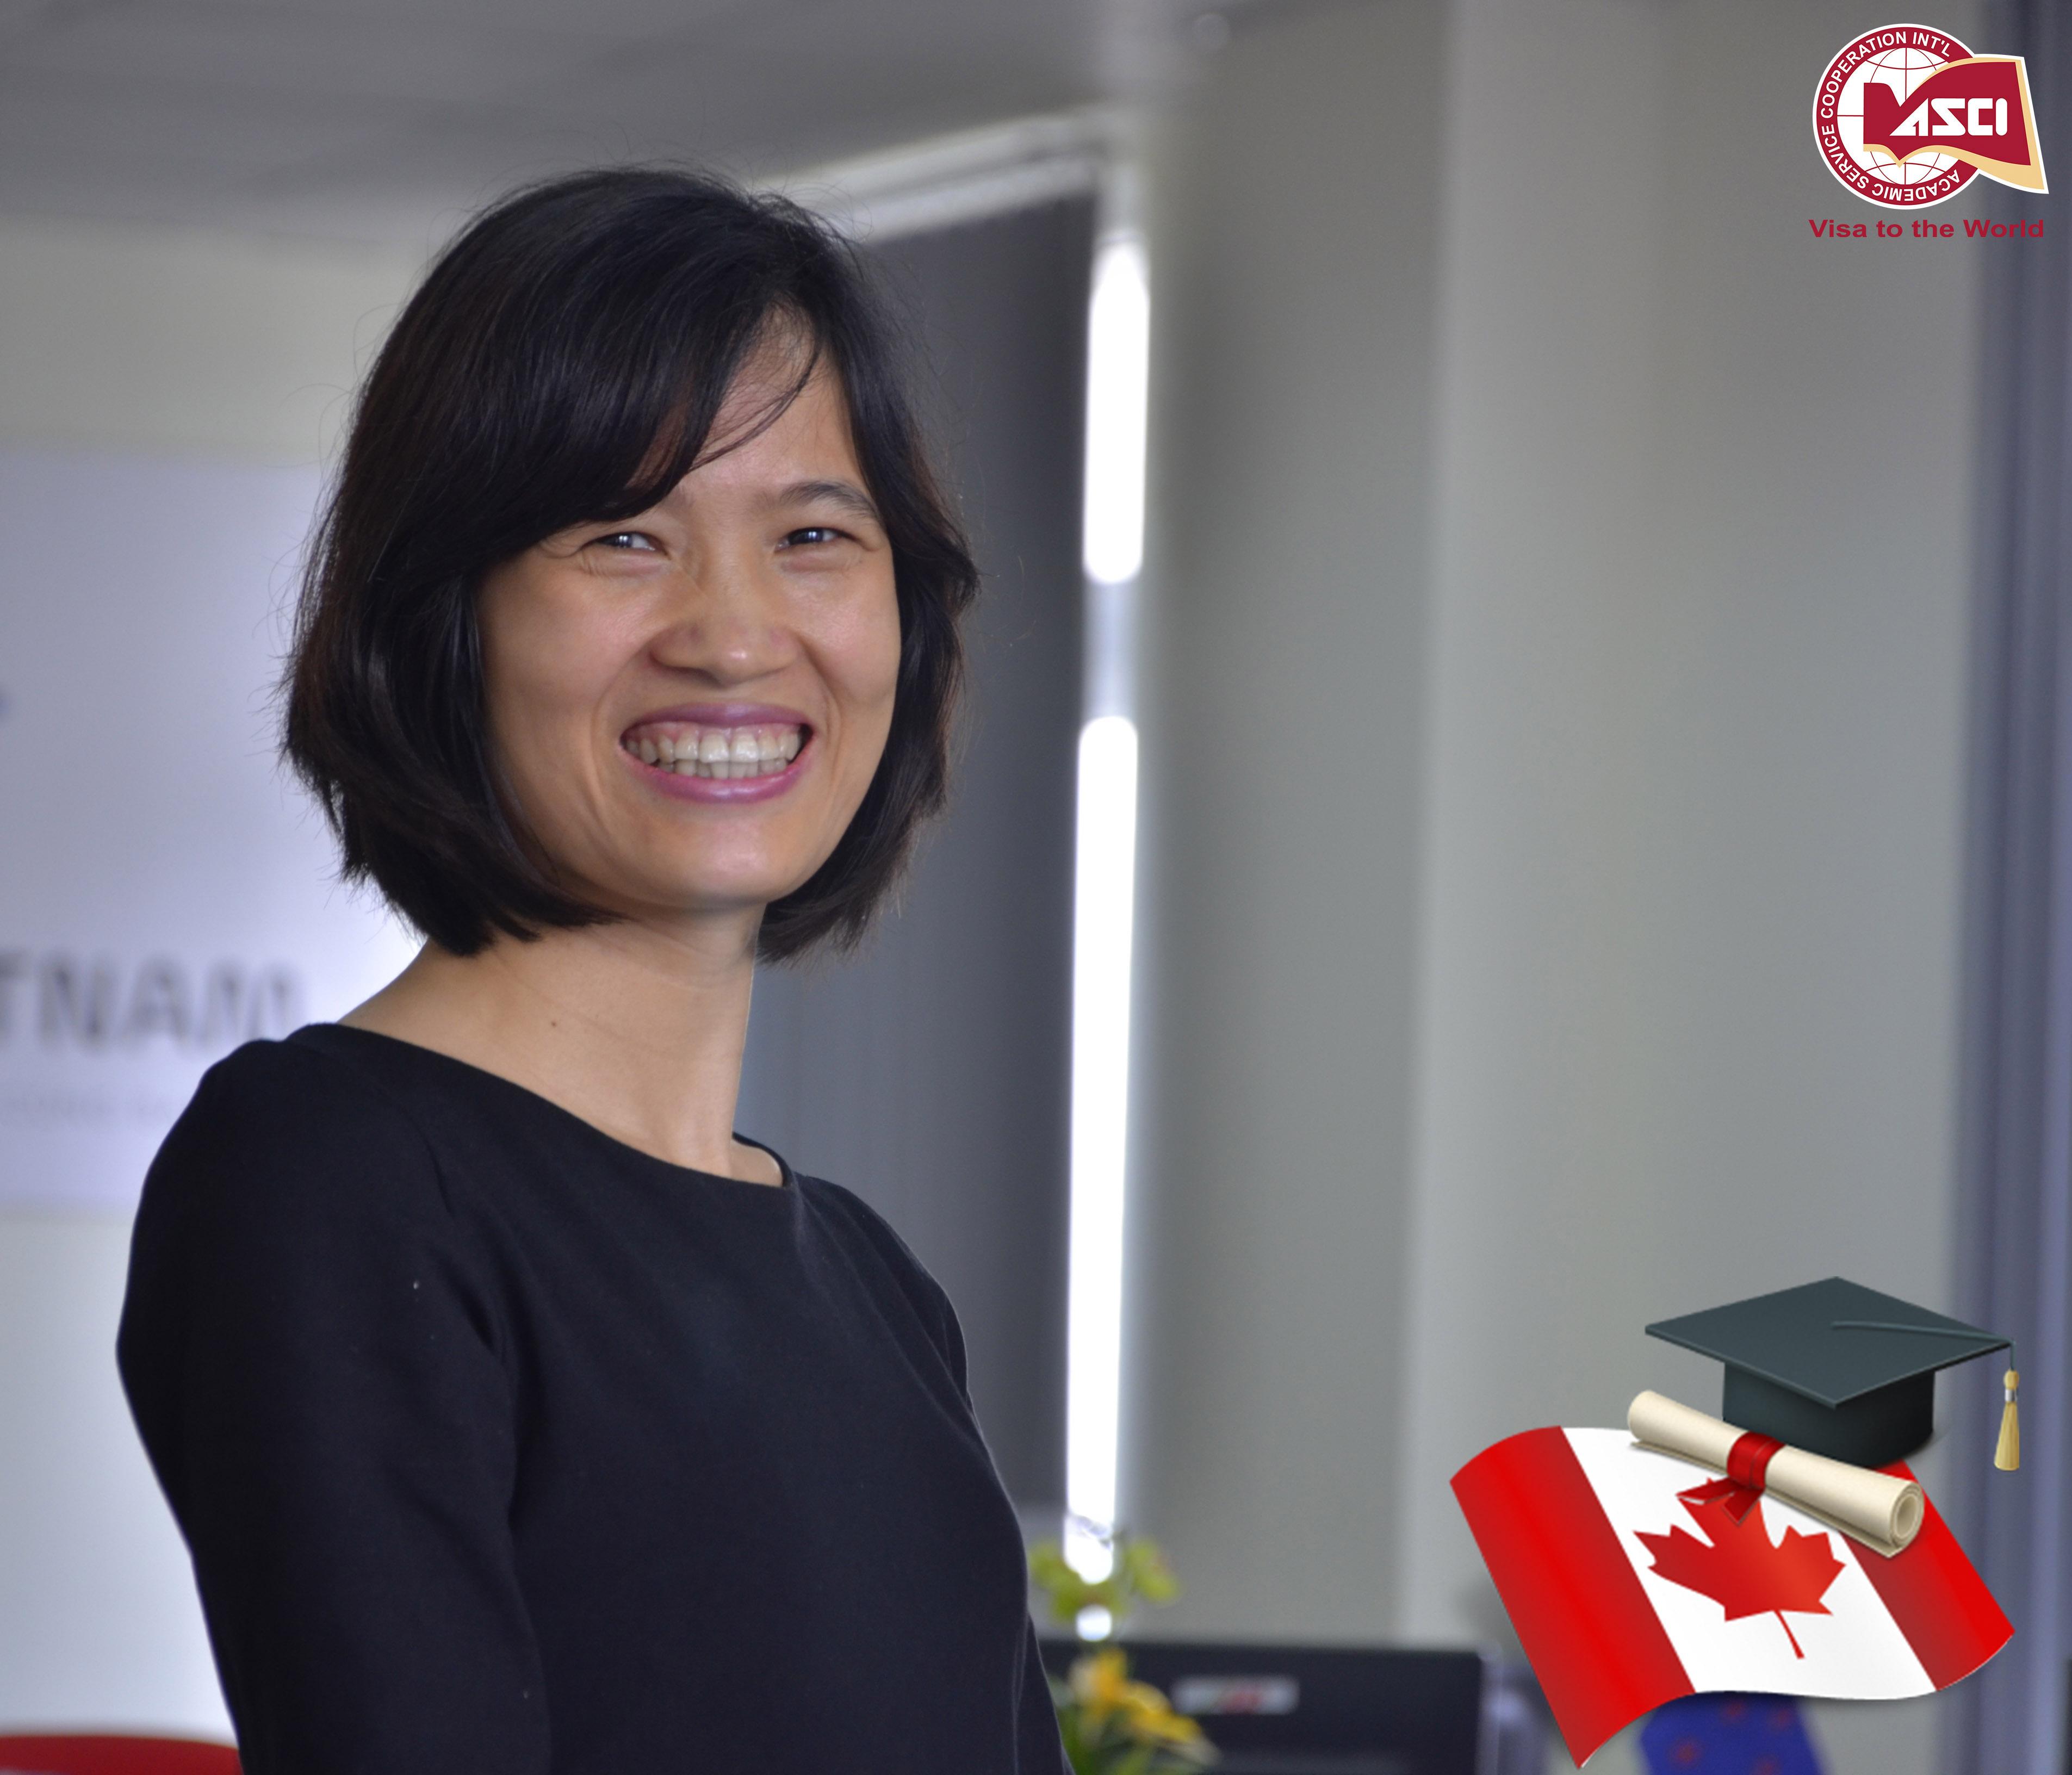 Chị Bích Ngọc – Chuyên gia giáo dục Canada với hơn 15 năm kinh nghiệm trong ngành tư vấn du học